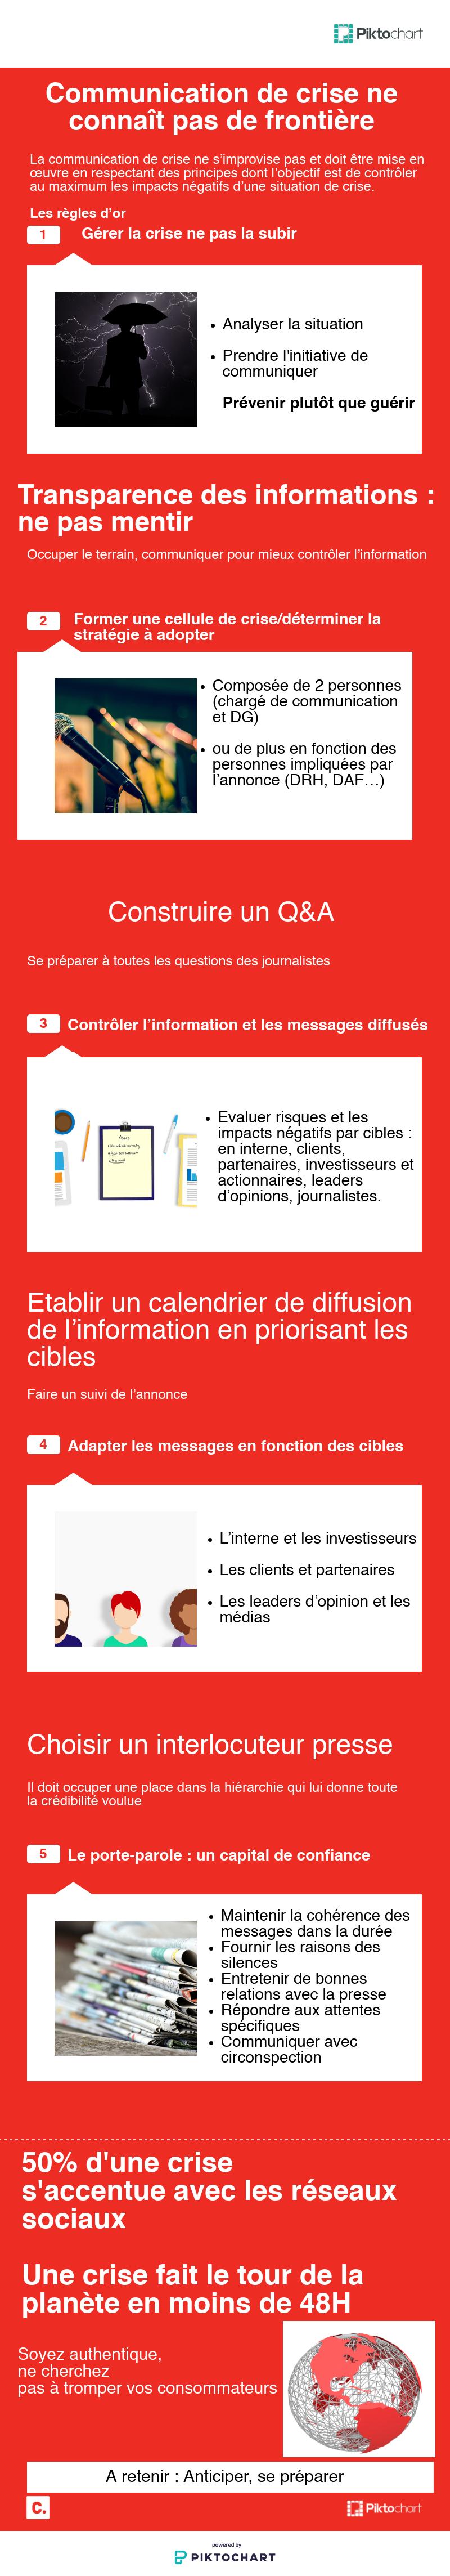 infographie communication de crise